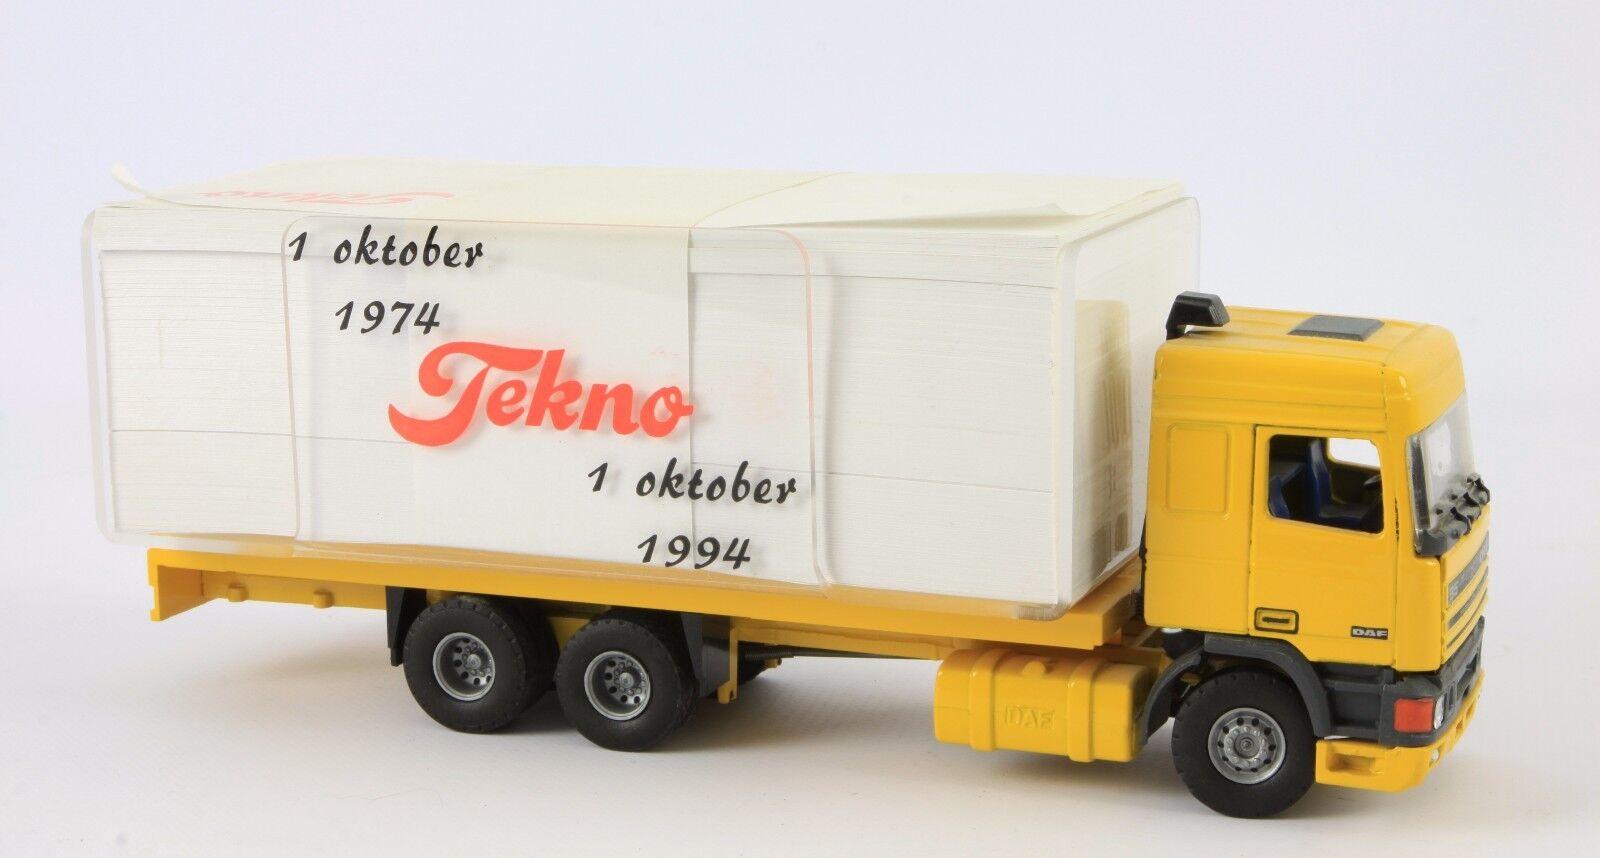 Para tu estilo de juego a los precios más baratos. Tekno Holland DAF 95 Tekno 1974-1994 20 years 1 50 50 50  punto de venta barato